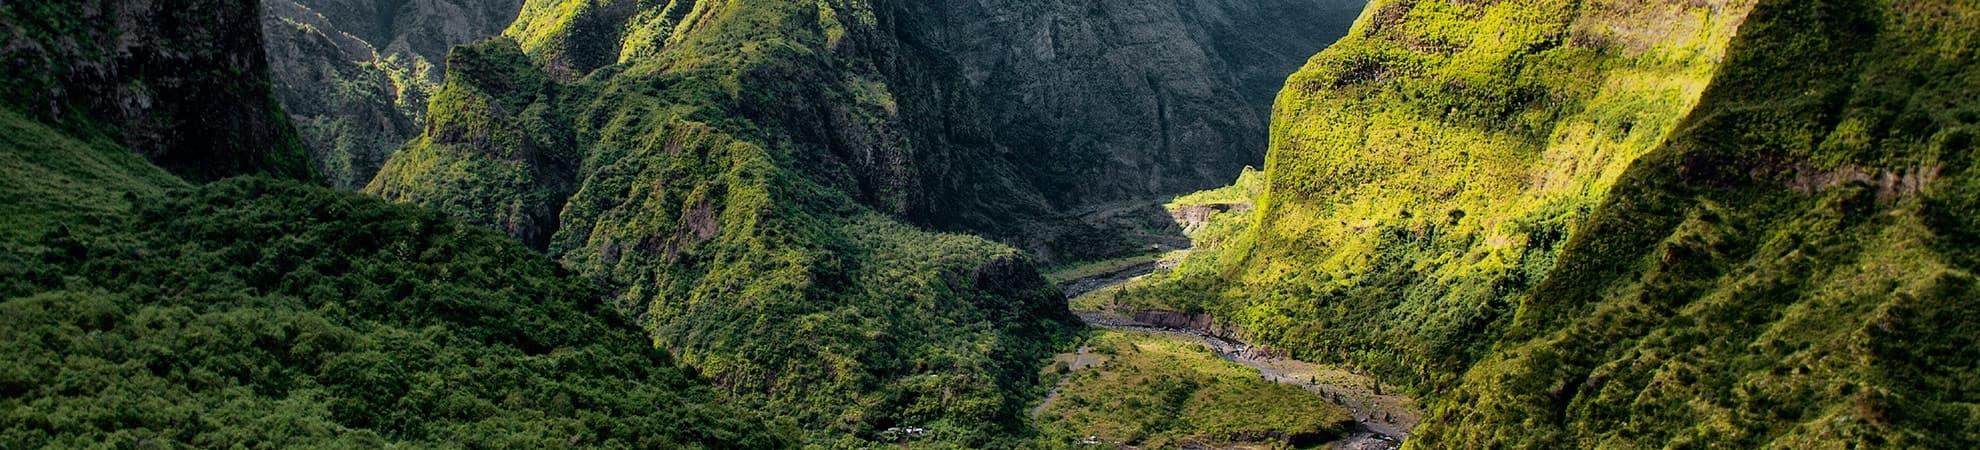 Tous nos voyages Réunion